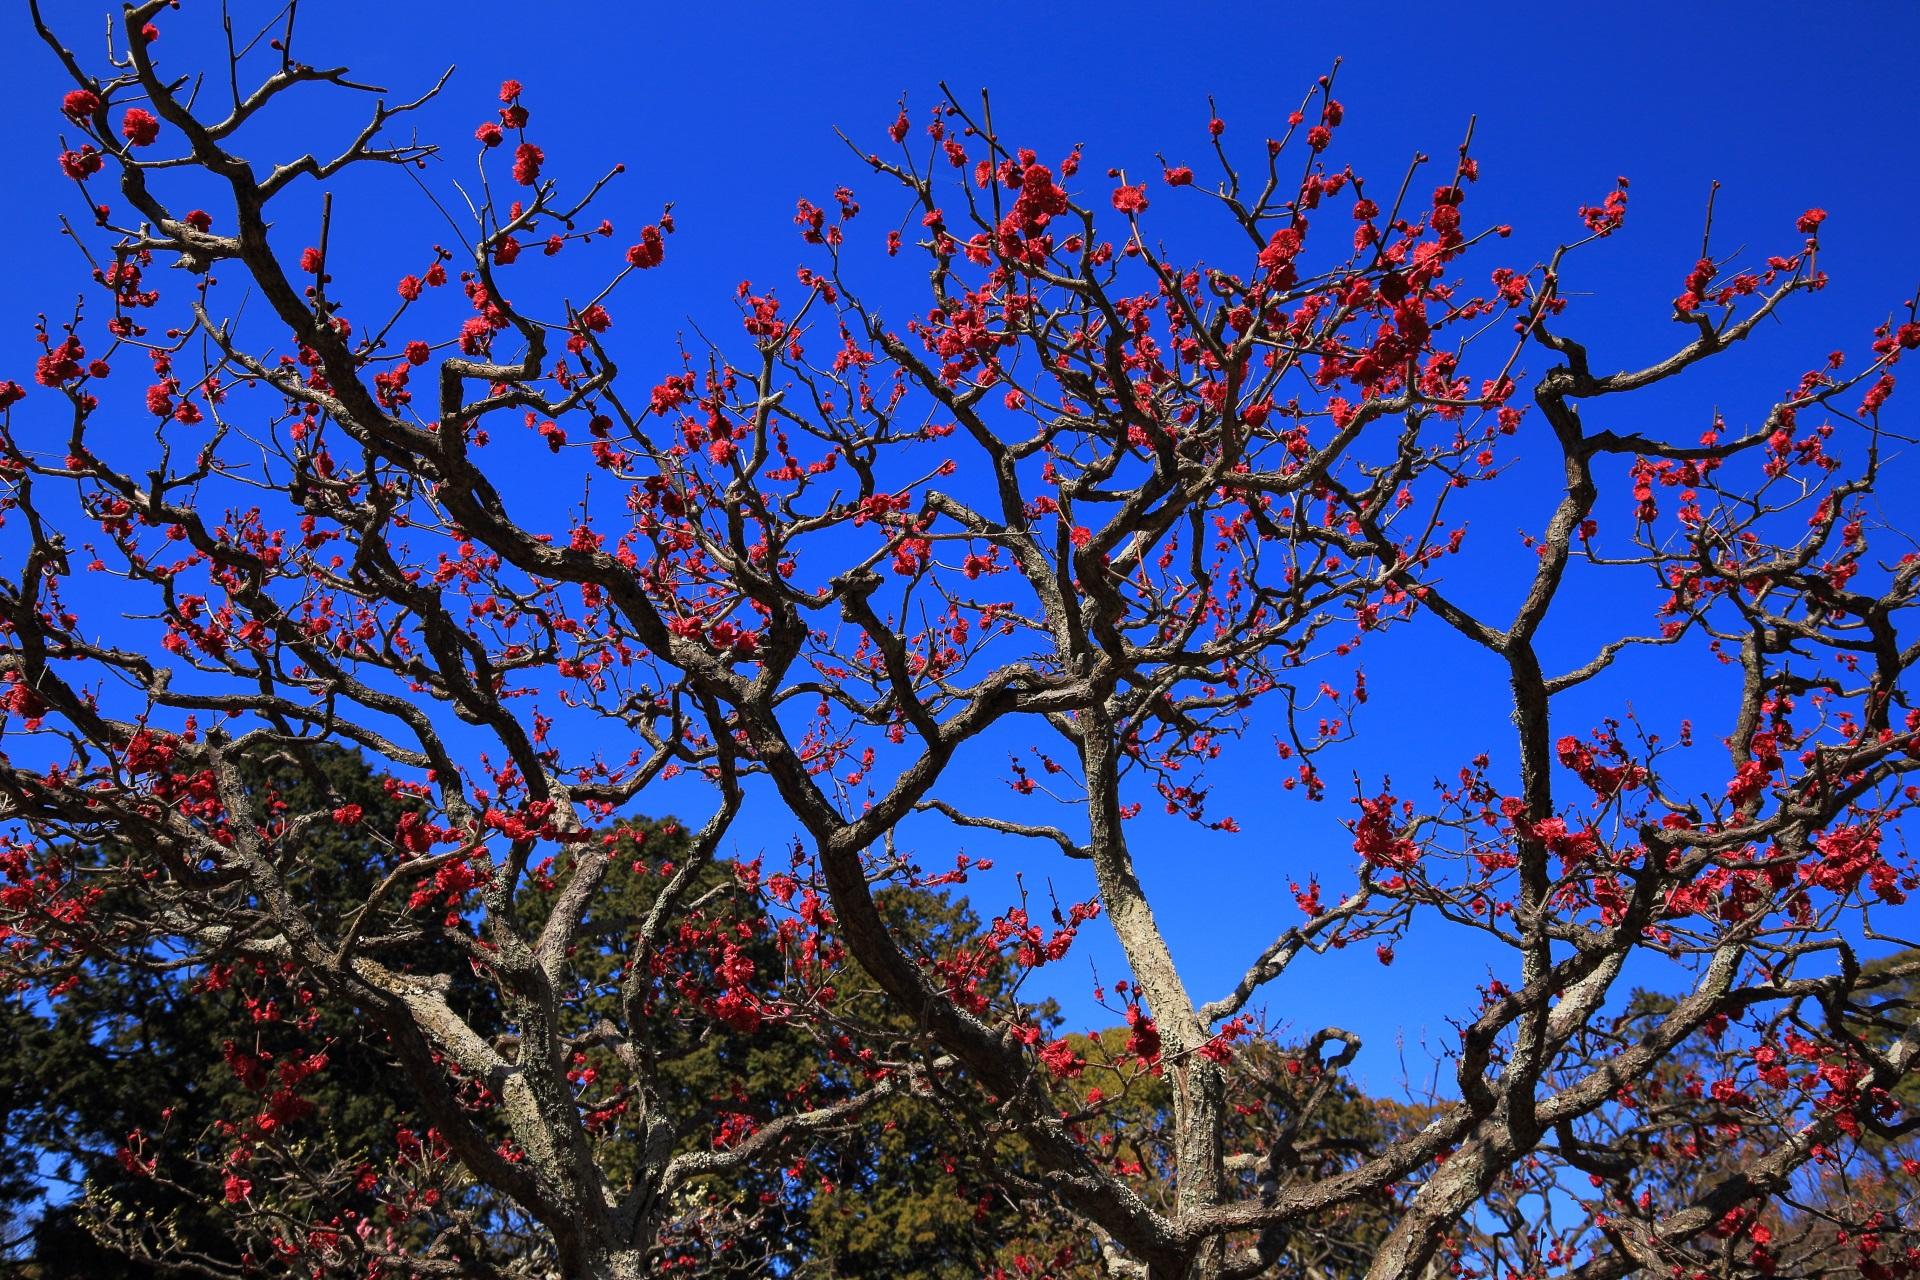 青空を鮮烈に彩る鮮やかな紅い梅の花